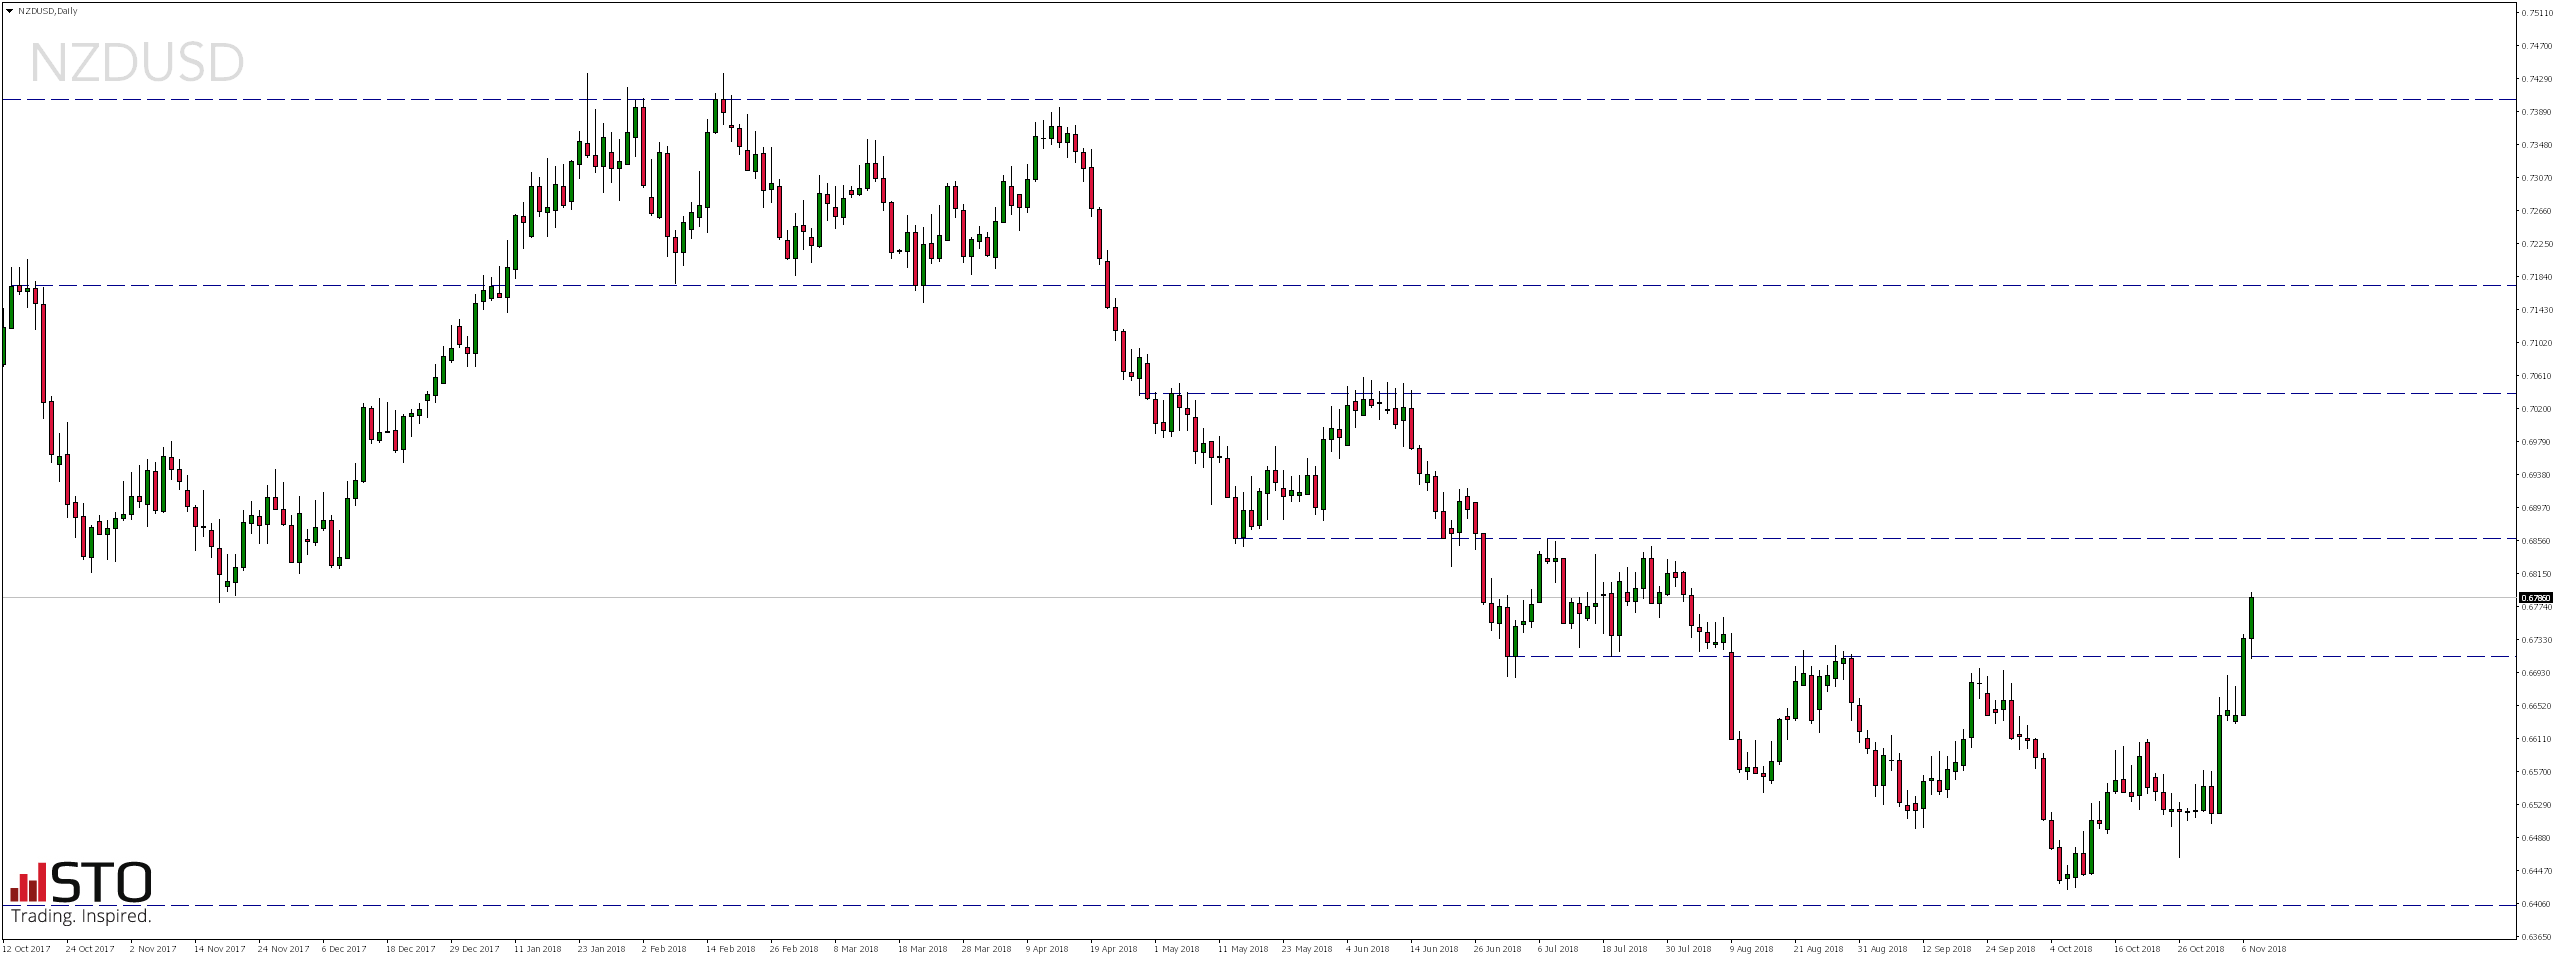 Środowy przegląd rynków - notowania pary walutowej NZDUSD